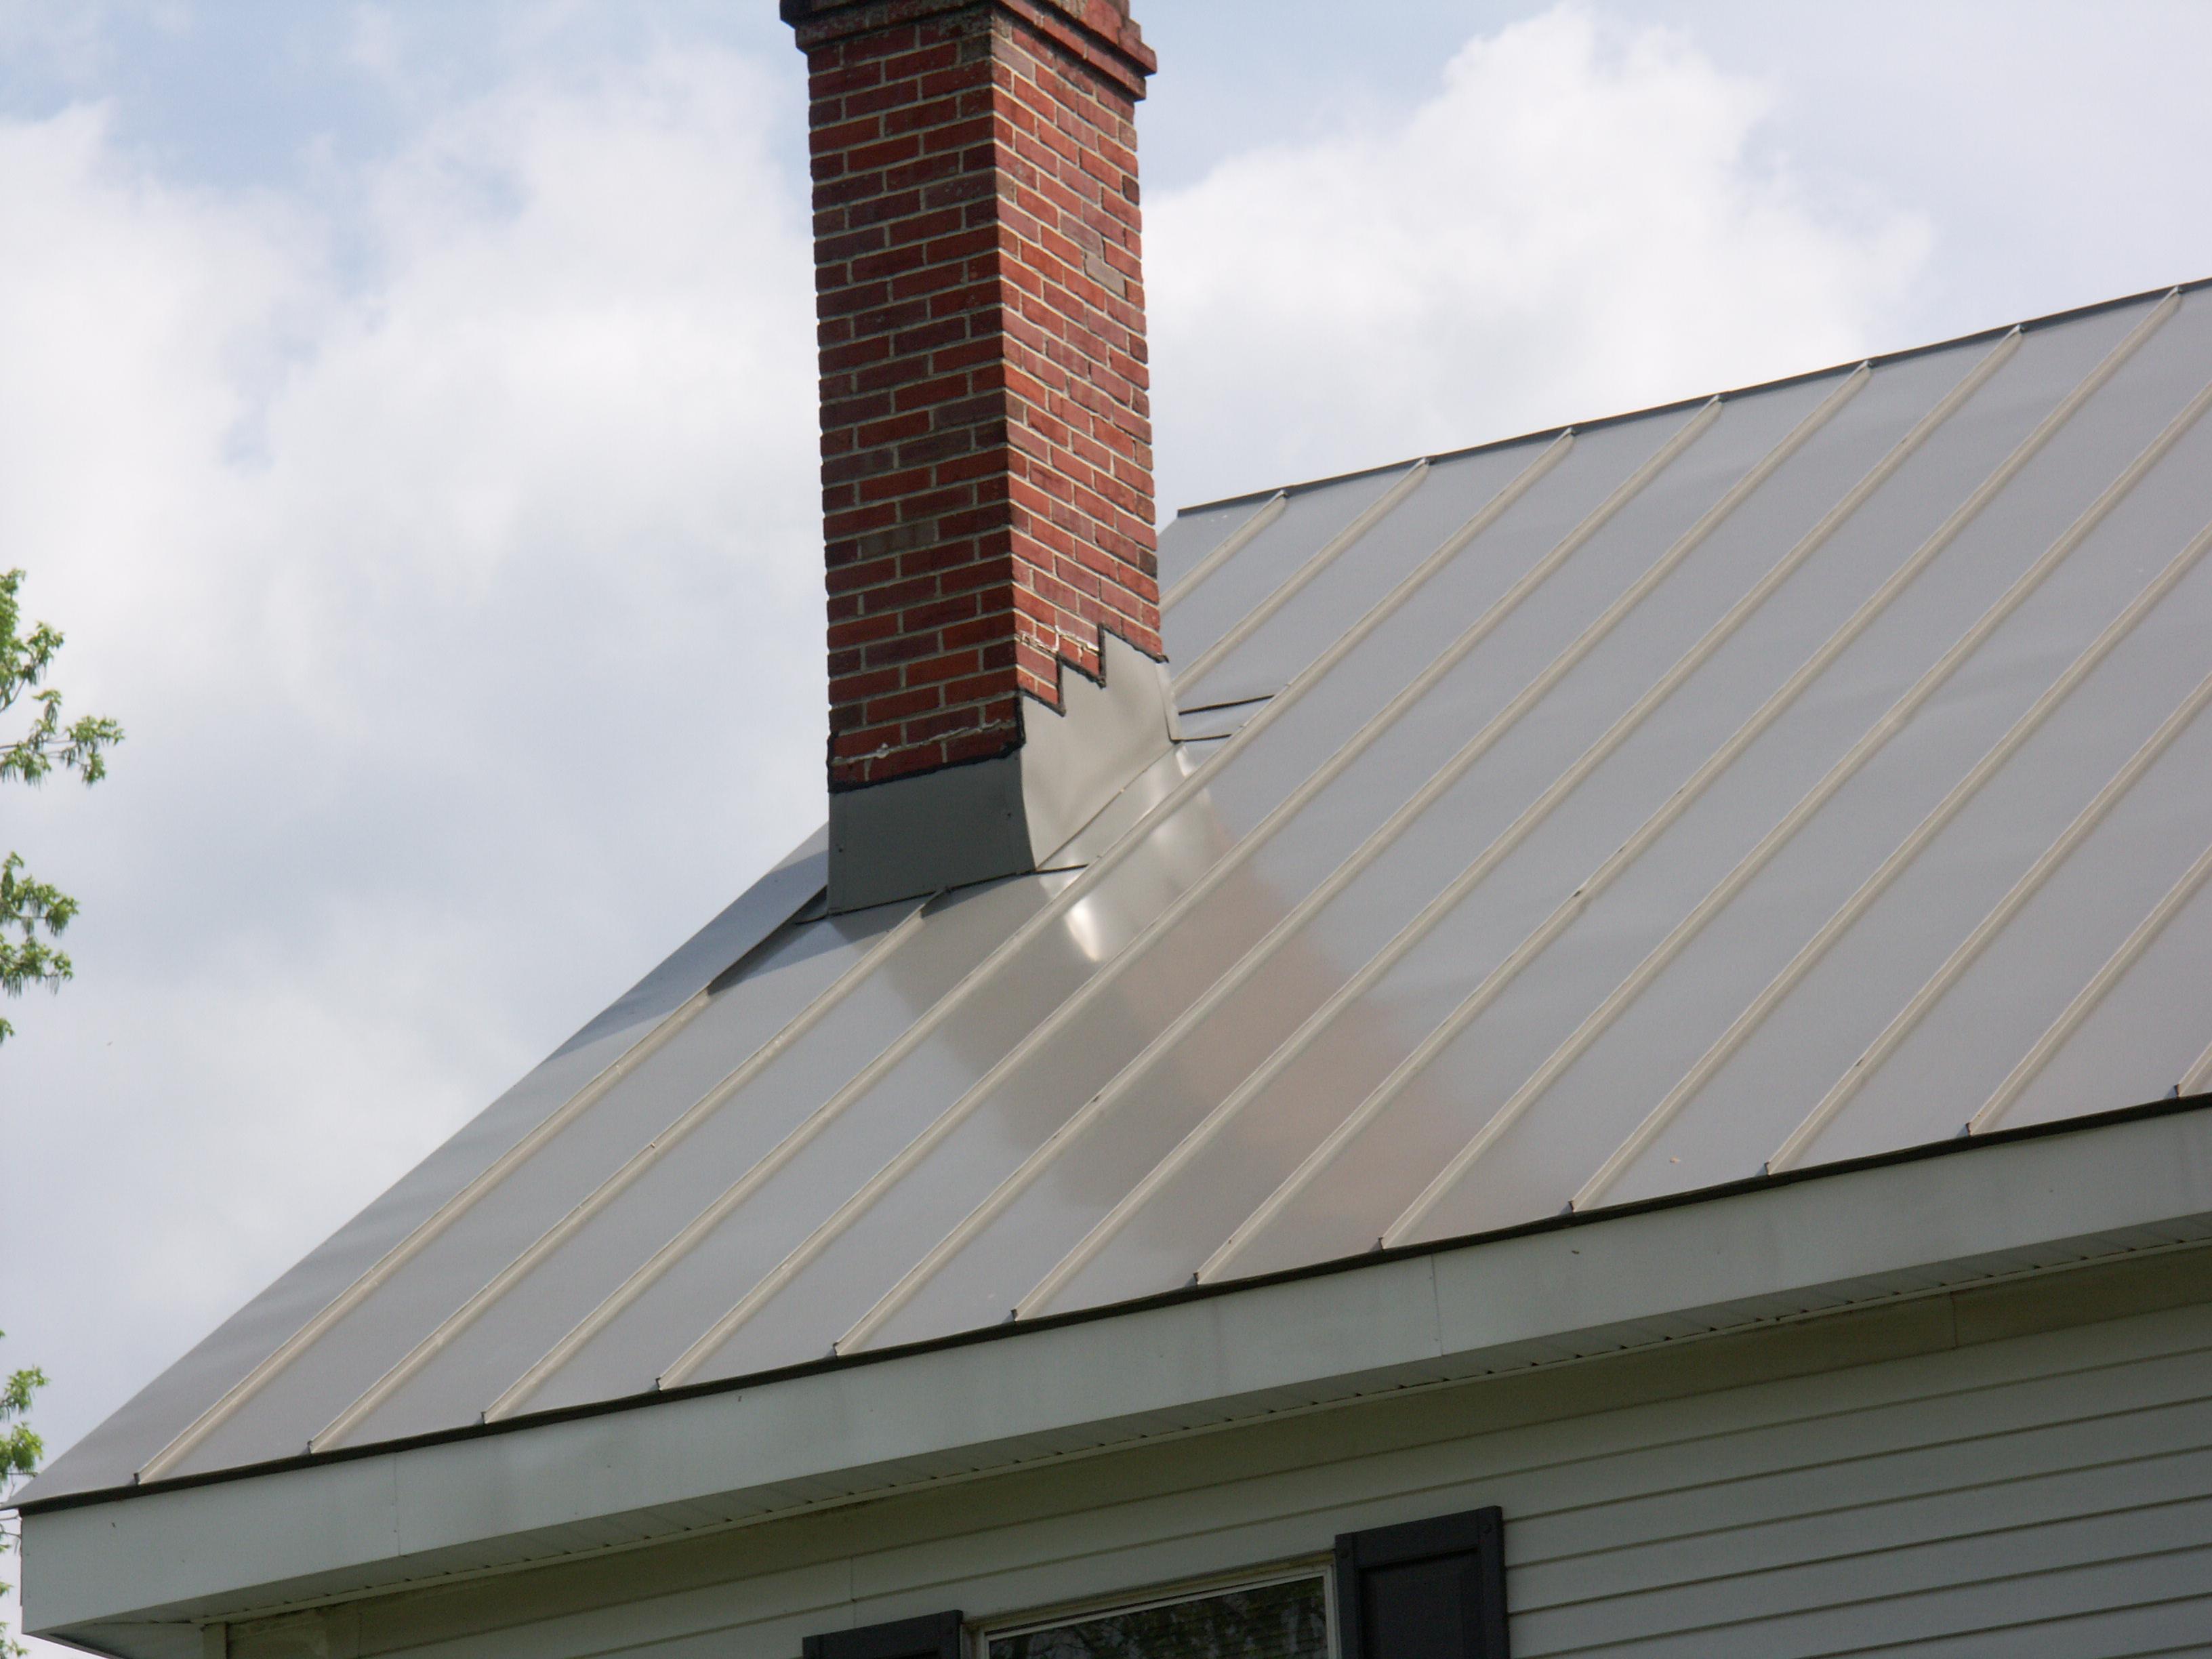 Aegis Roofing Fredericksburg Va 22401 Angies List